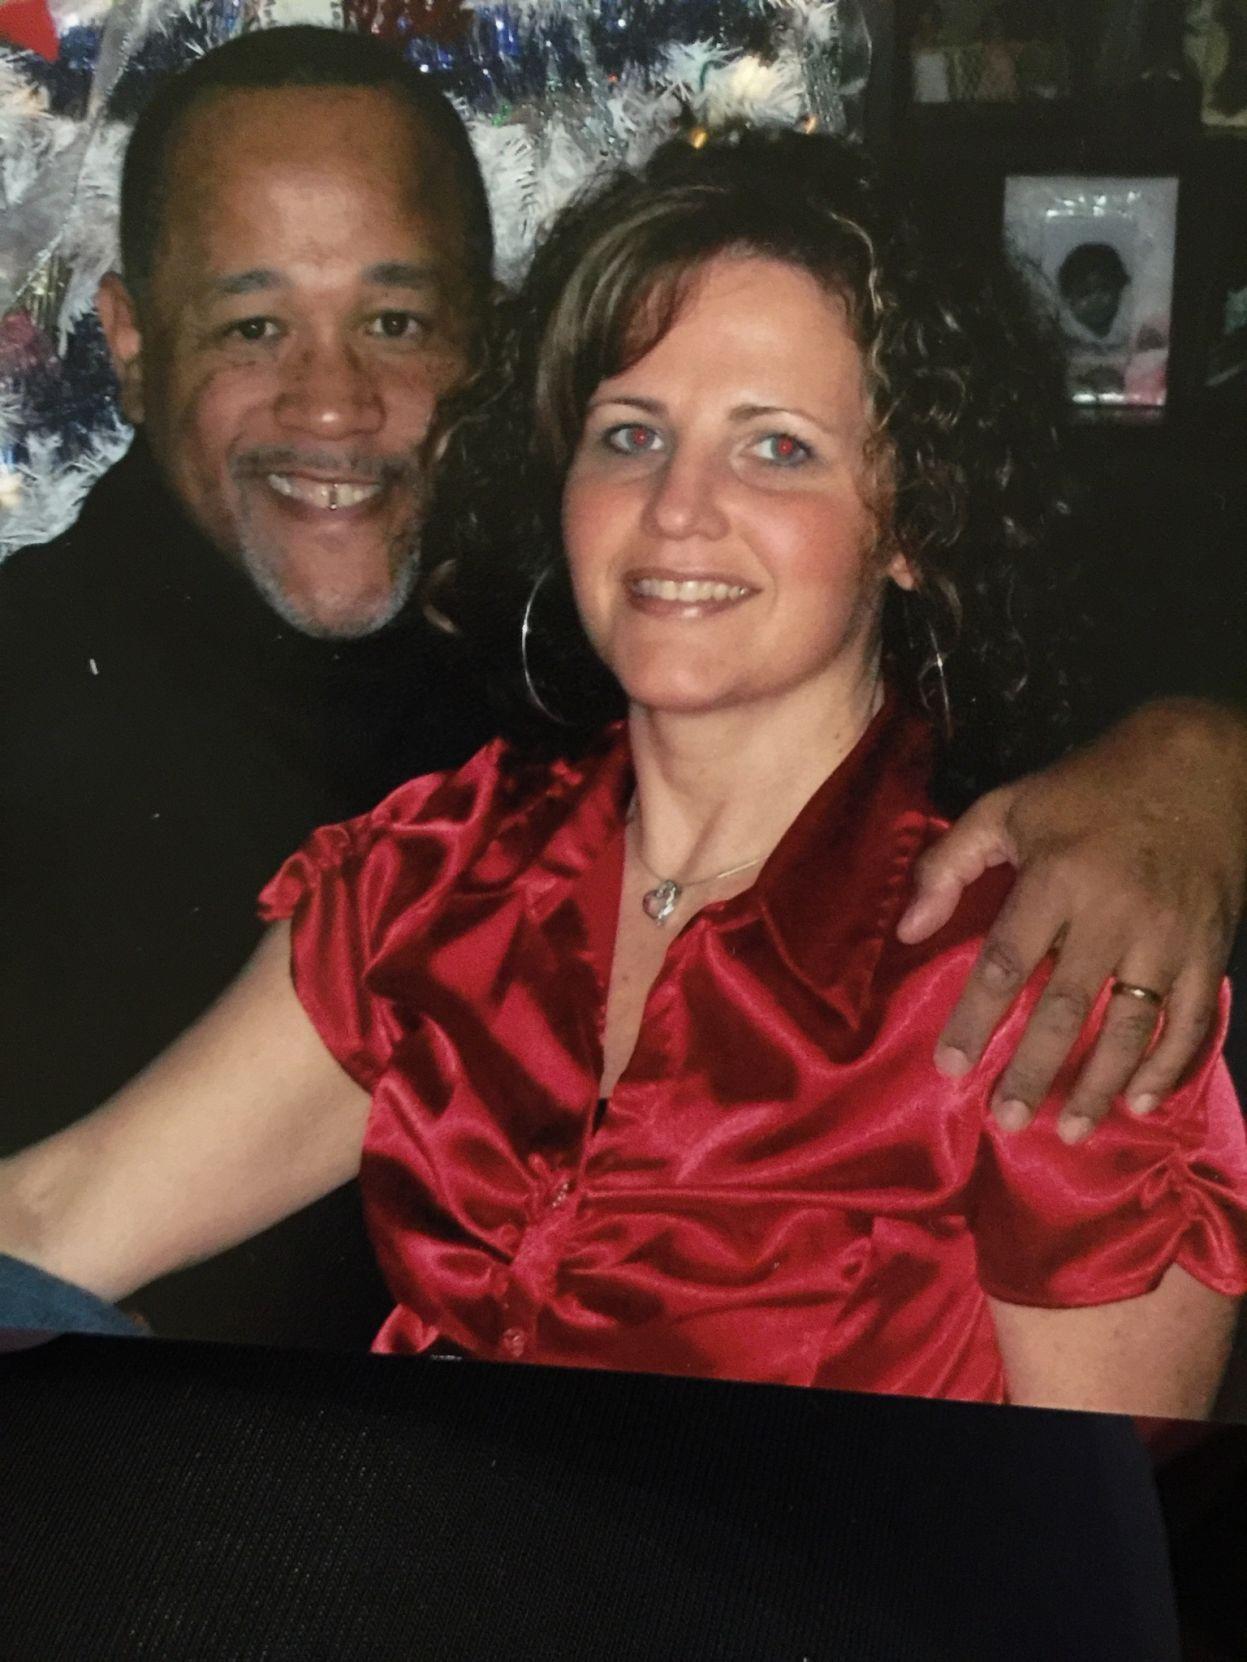 Interracial dating Charlotte NC dating Ariane klassisk gjennomgang